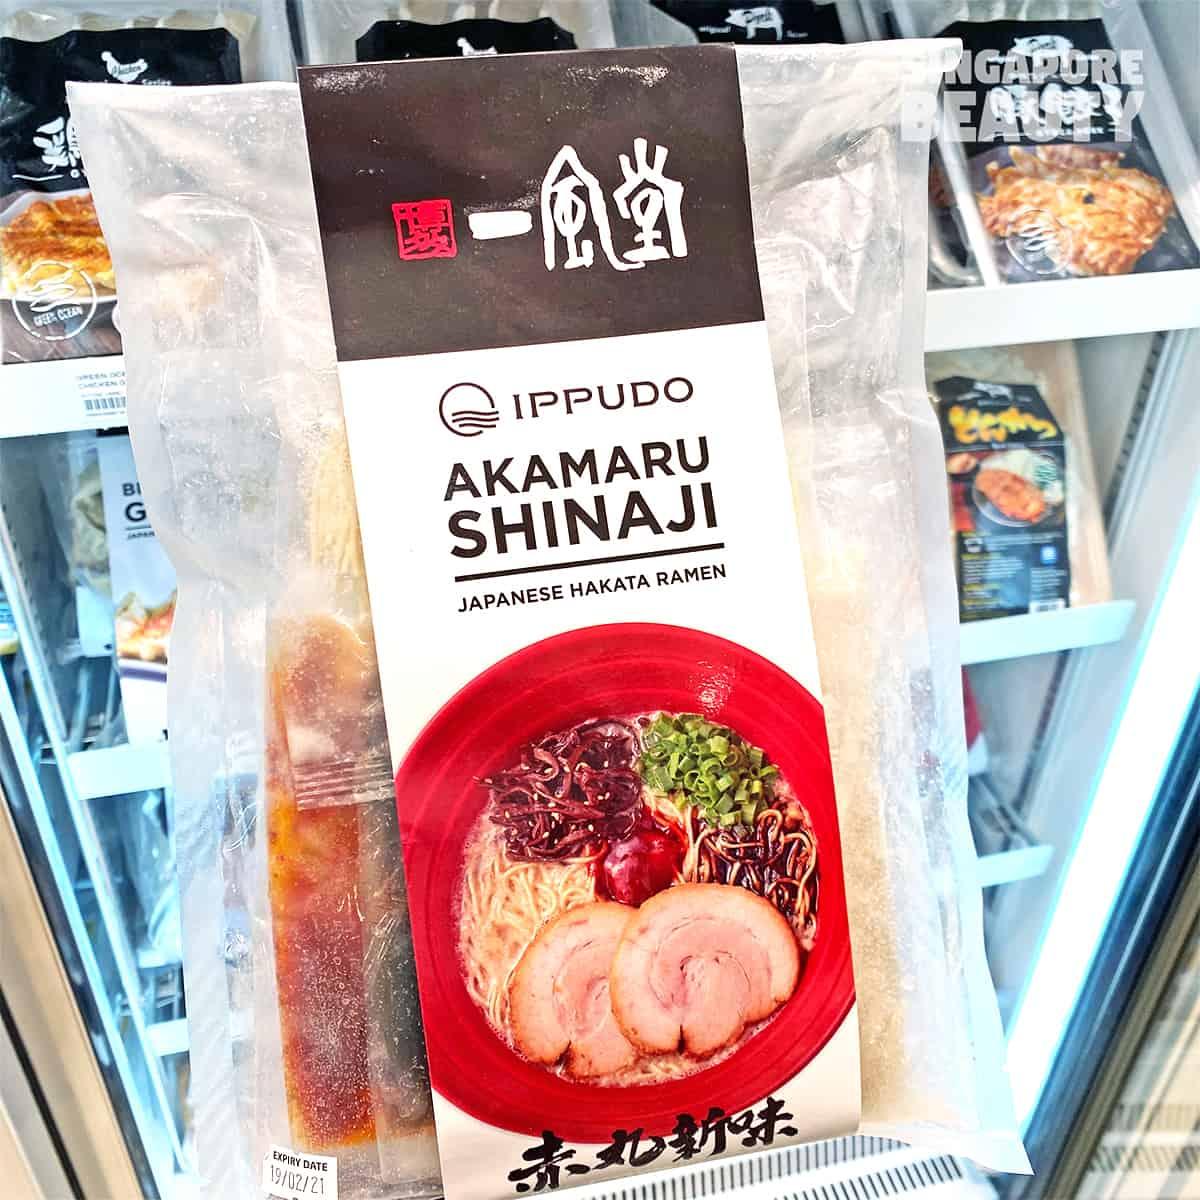 Ippudo Akamaru Shinaji ramen home kit